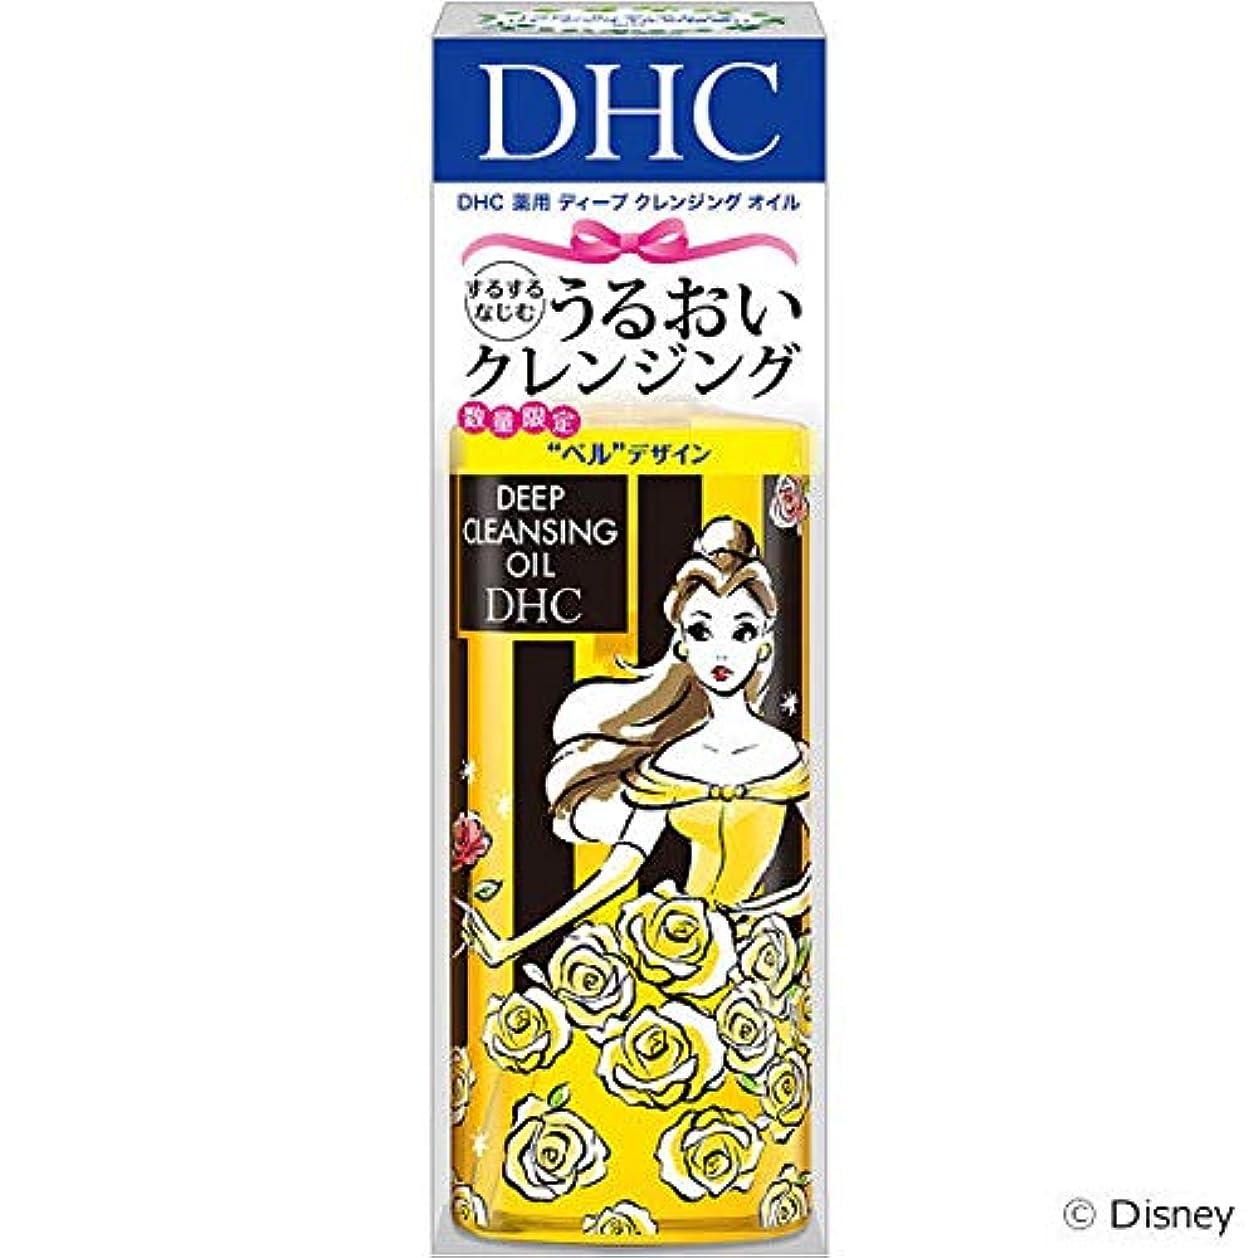 会う国勢調査ビームDHC 薬用 ディープクレンジング オイル ベル SSL 150ml